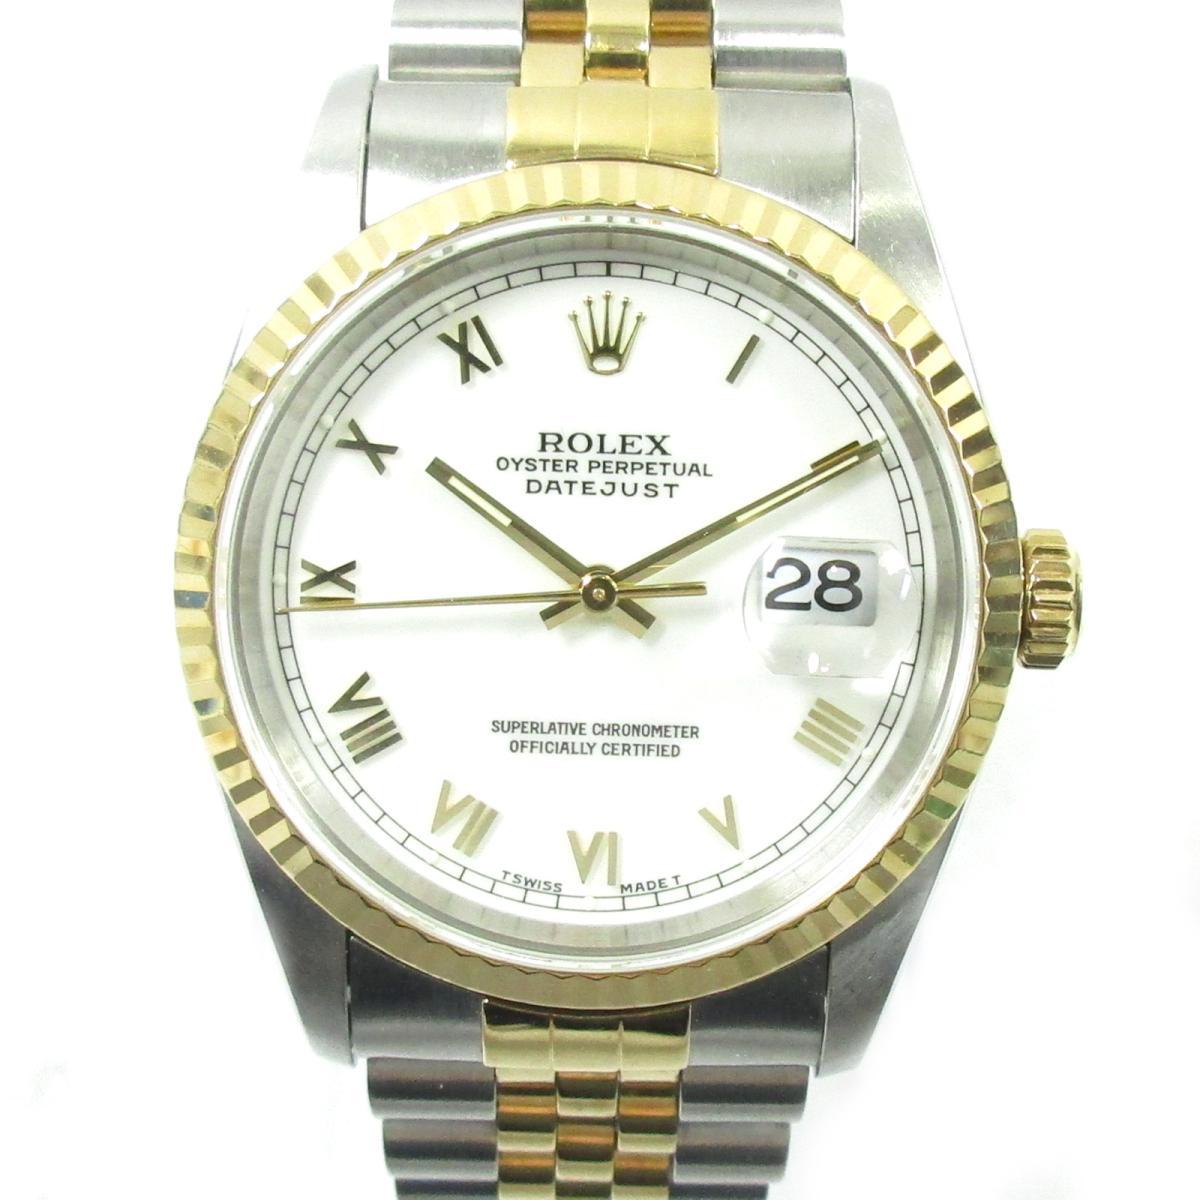 ≪期間限定≫メルマガ登録でクーポンGET! 【中古】 ロレックス デイトジャスト メンズウォッチ 腕時計 メンズ K18YG (750)イエローゴールド ステンレススチール (SS) ゴールド (16233) | ROLEX BRANDOFF ブランドオフ ブランド ブランド時計 ブランド腕時計 時計 ウォッチ